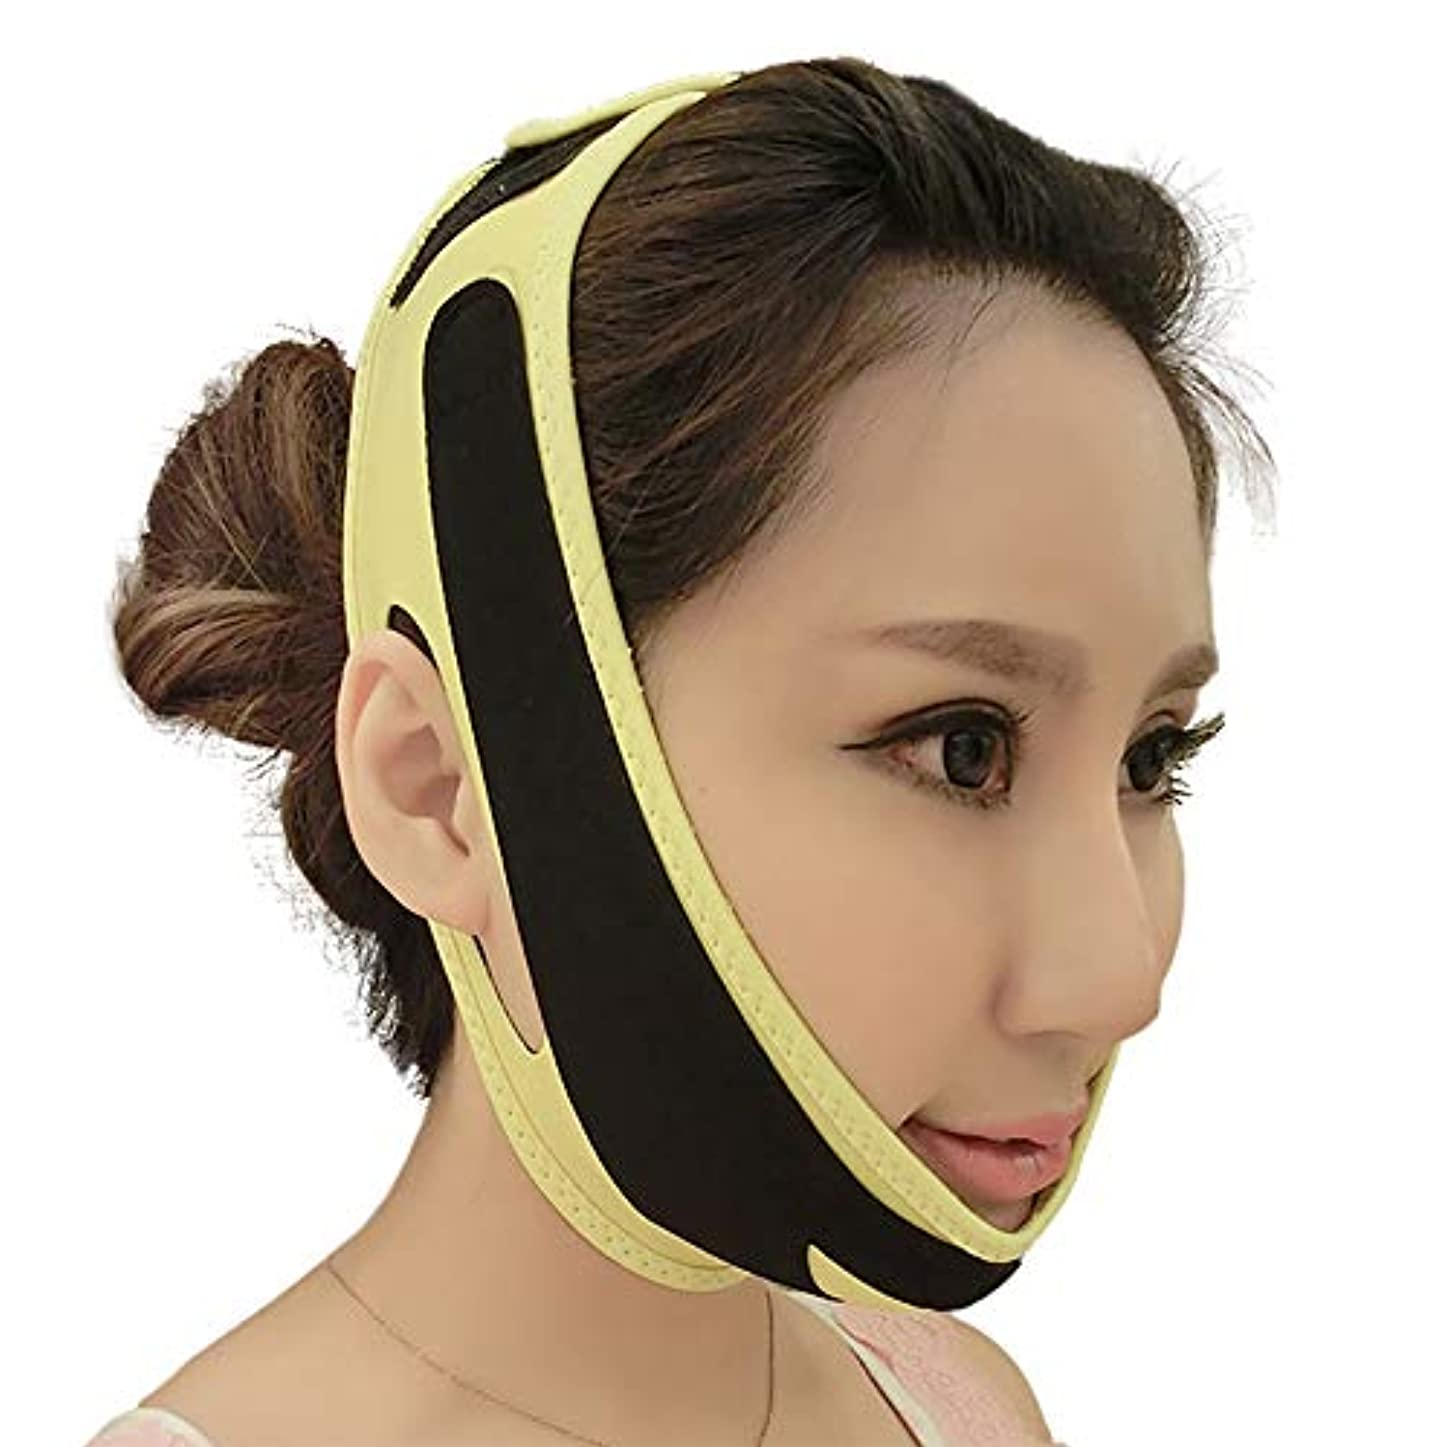 頭蓋骨増加するオーラル痩身頬マスク、アンチリンクルVラインフェイシャルマスクリフトアップストラップチンフェイスラインベルトストラップバンド,Yellow